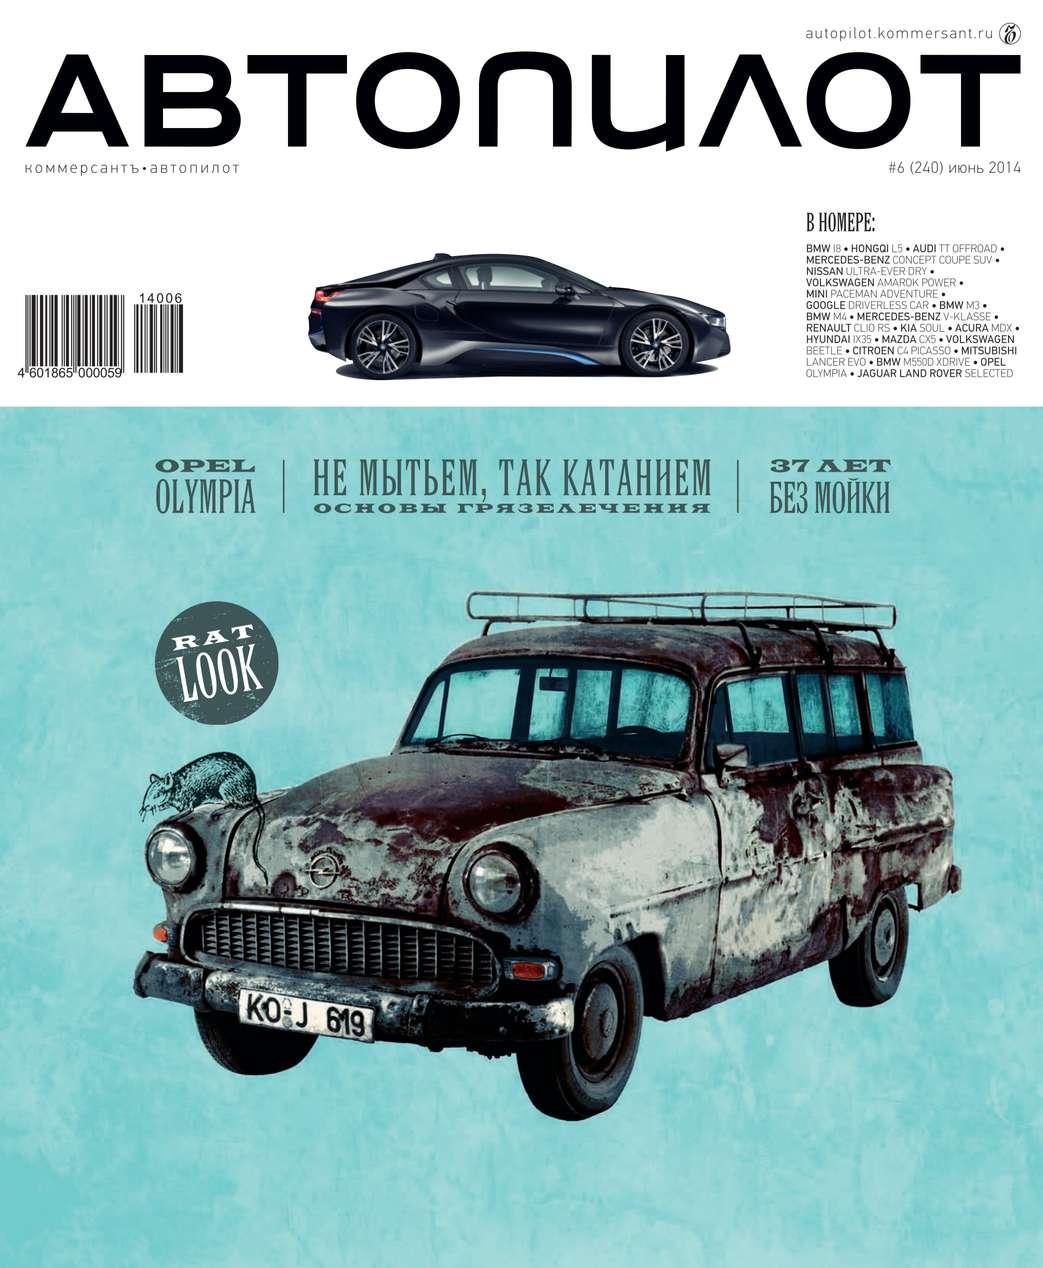 Редакция журнала Автопилот Автопилот 06-2014 новости для автомобилистов 2016